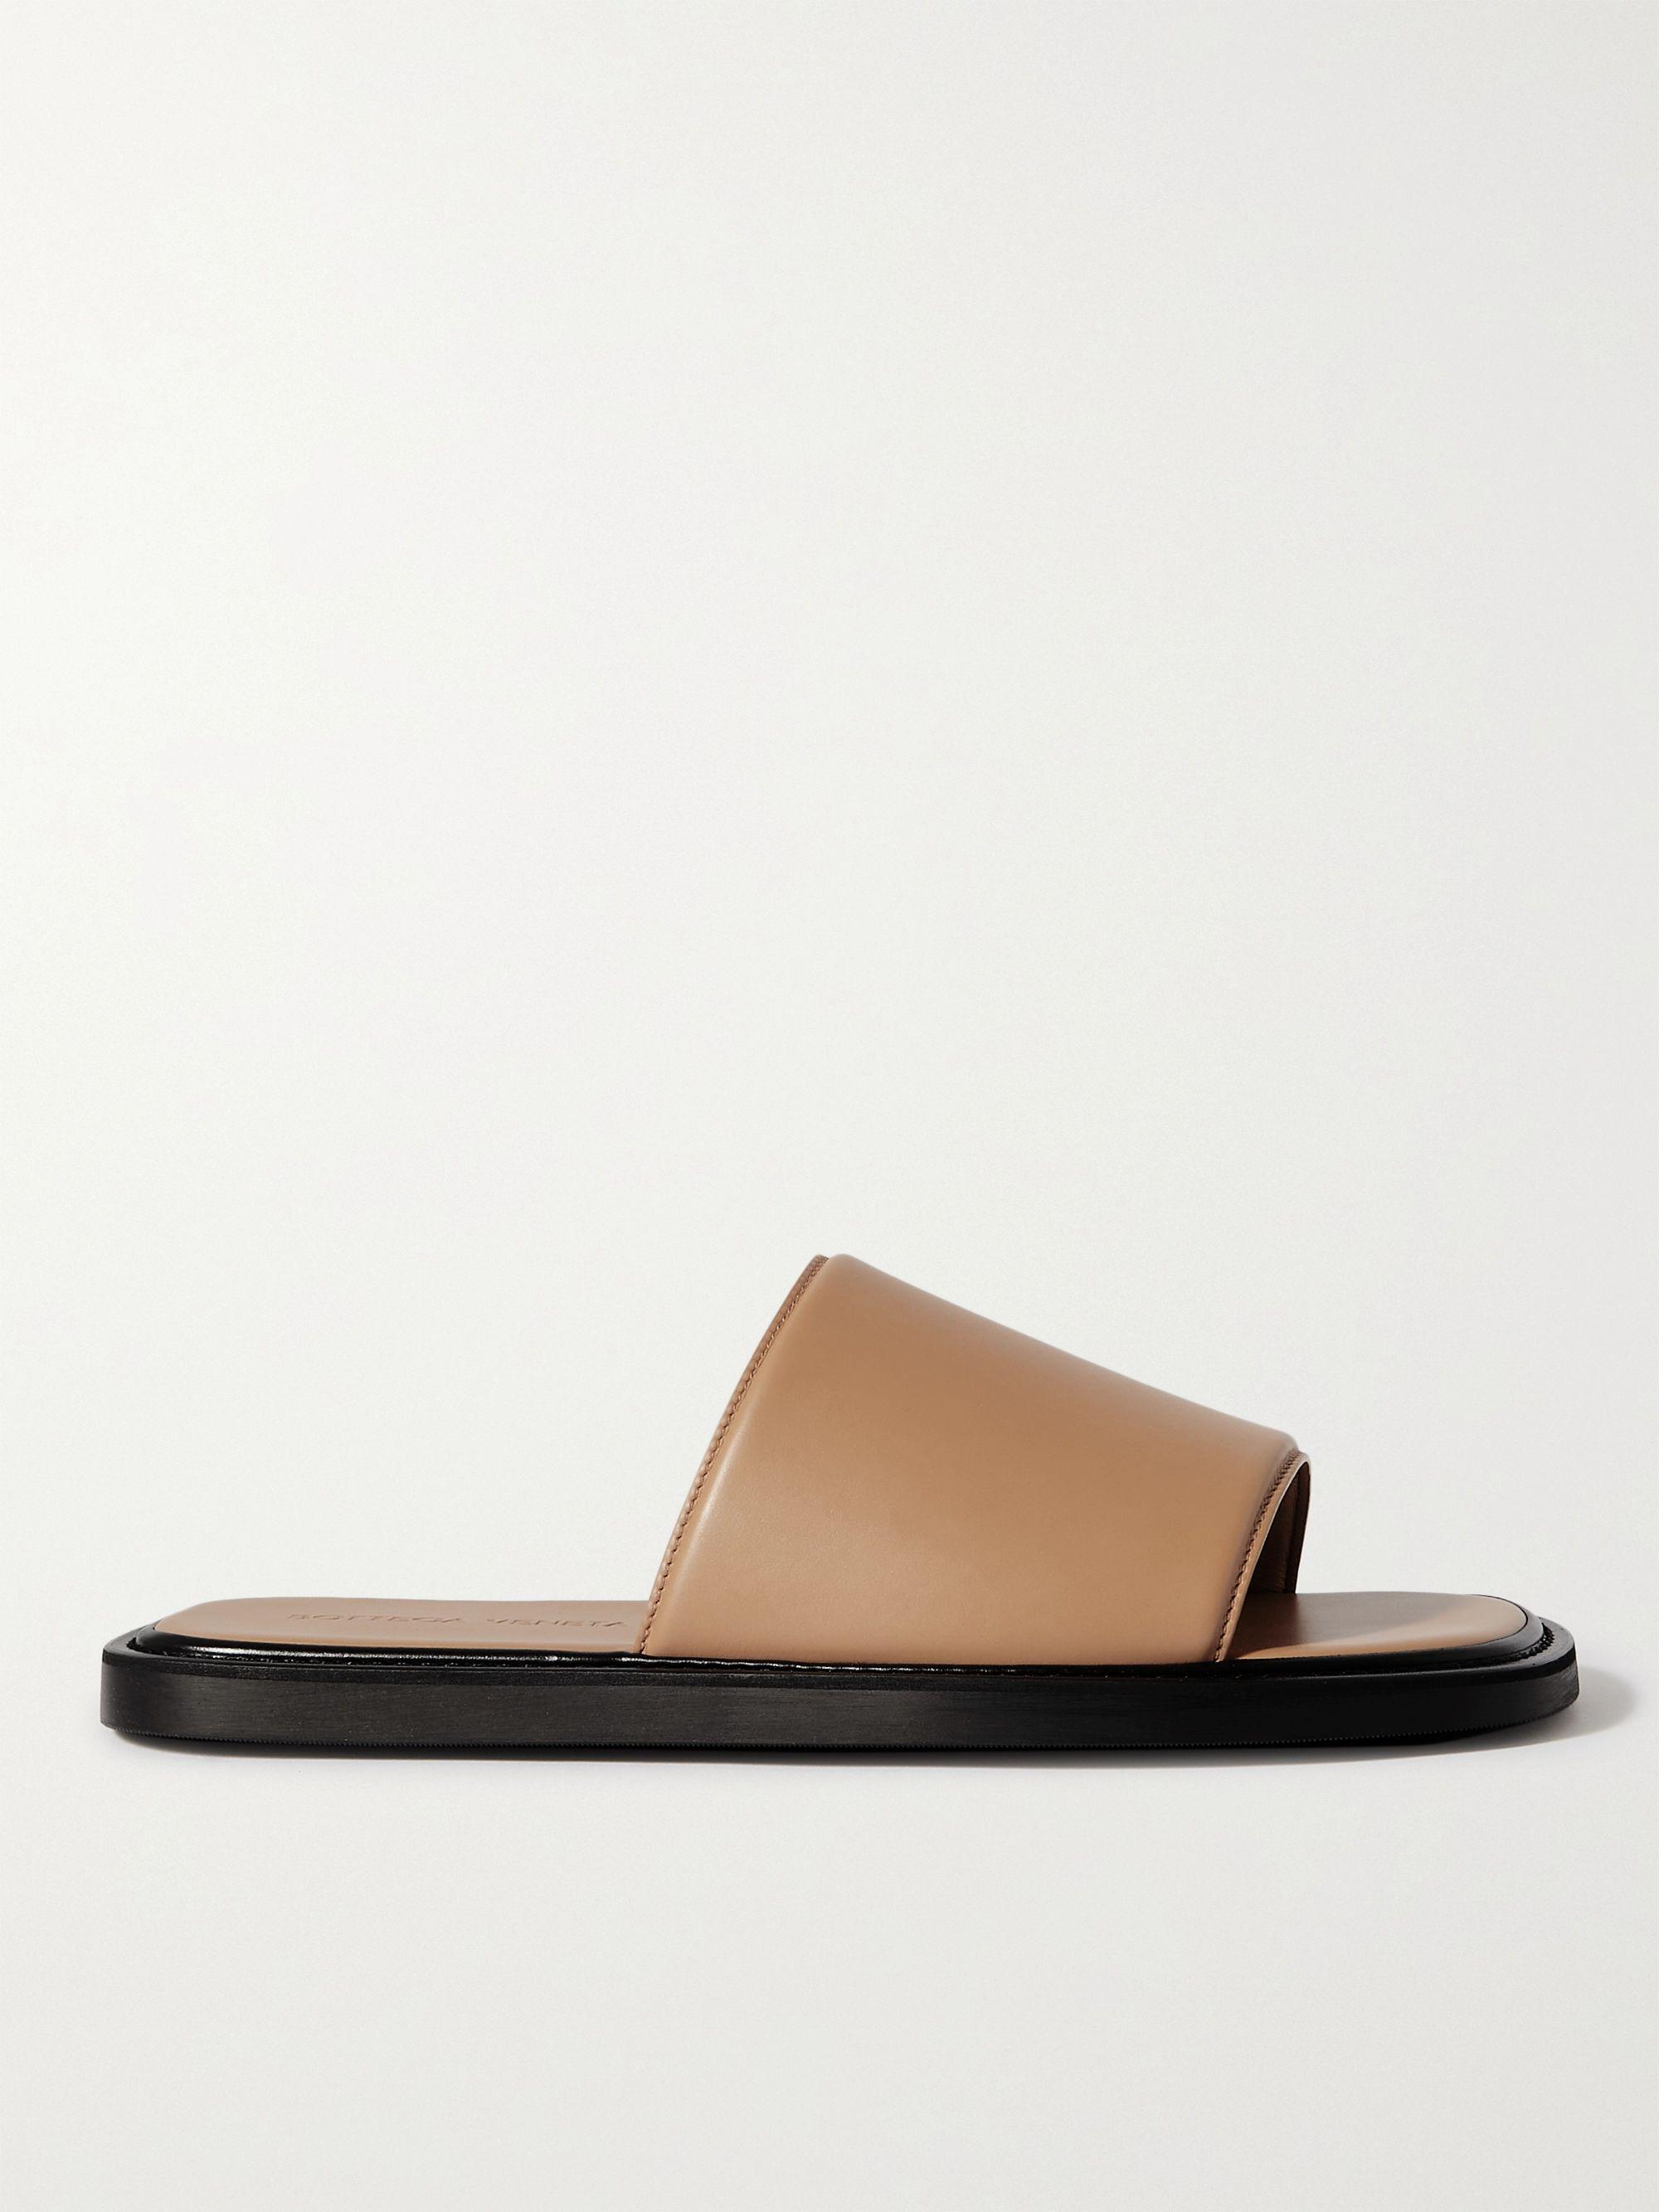 보테가 베네타 Bottega Veneta Leather Slides,Camel